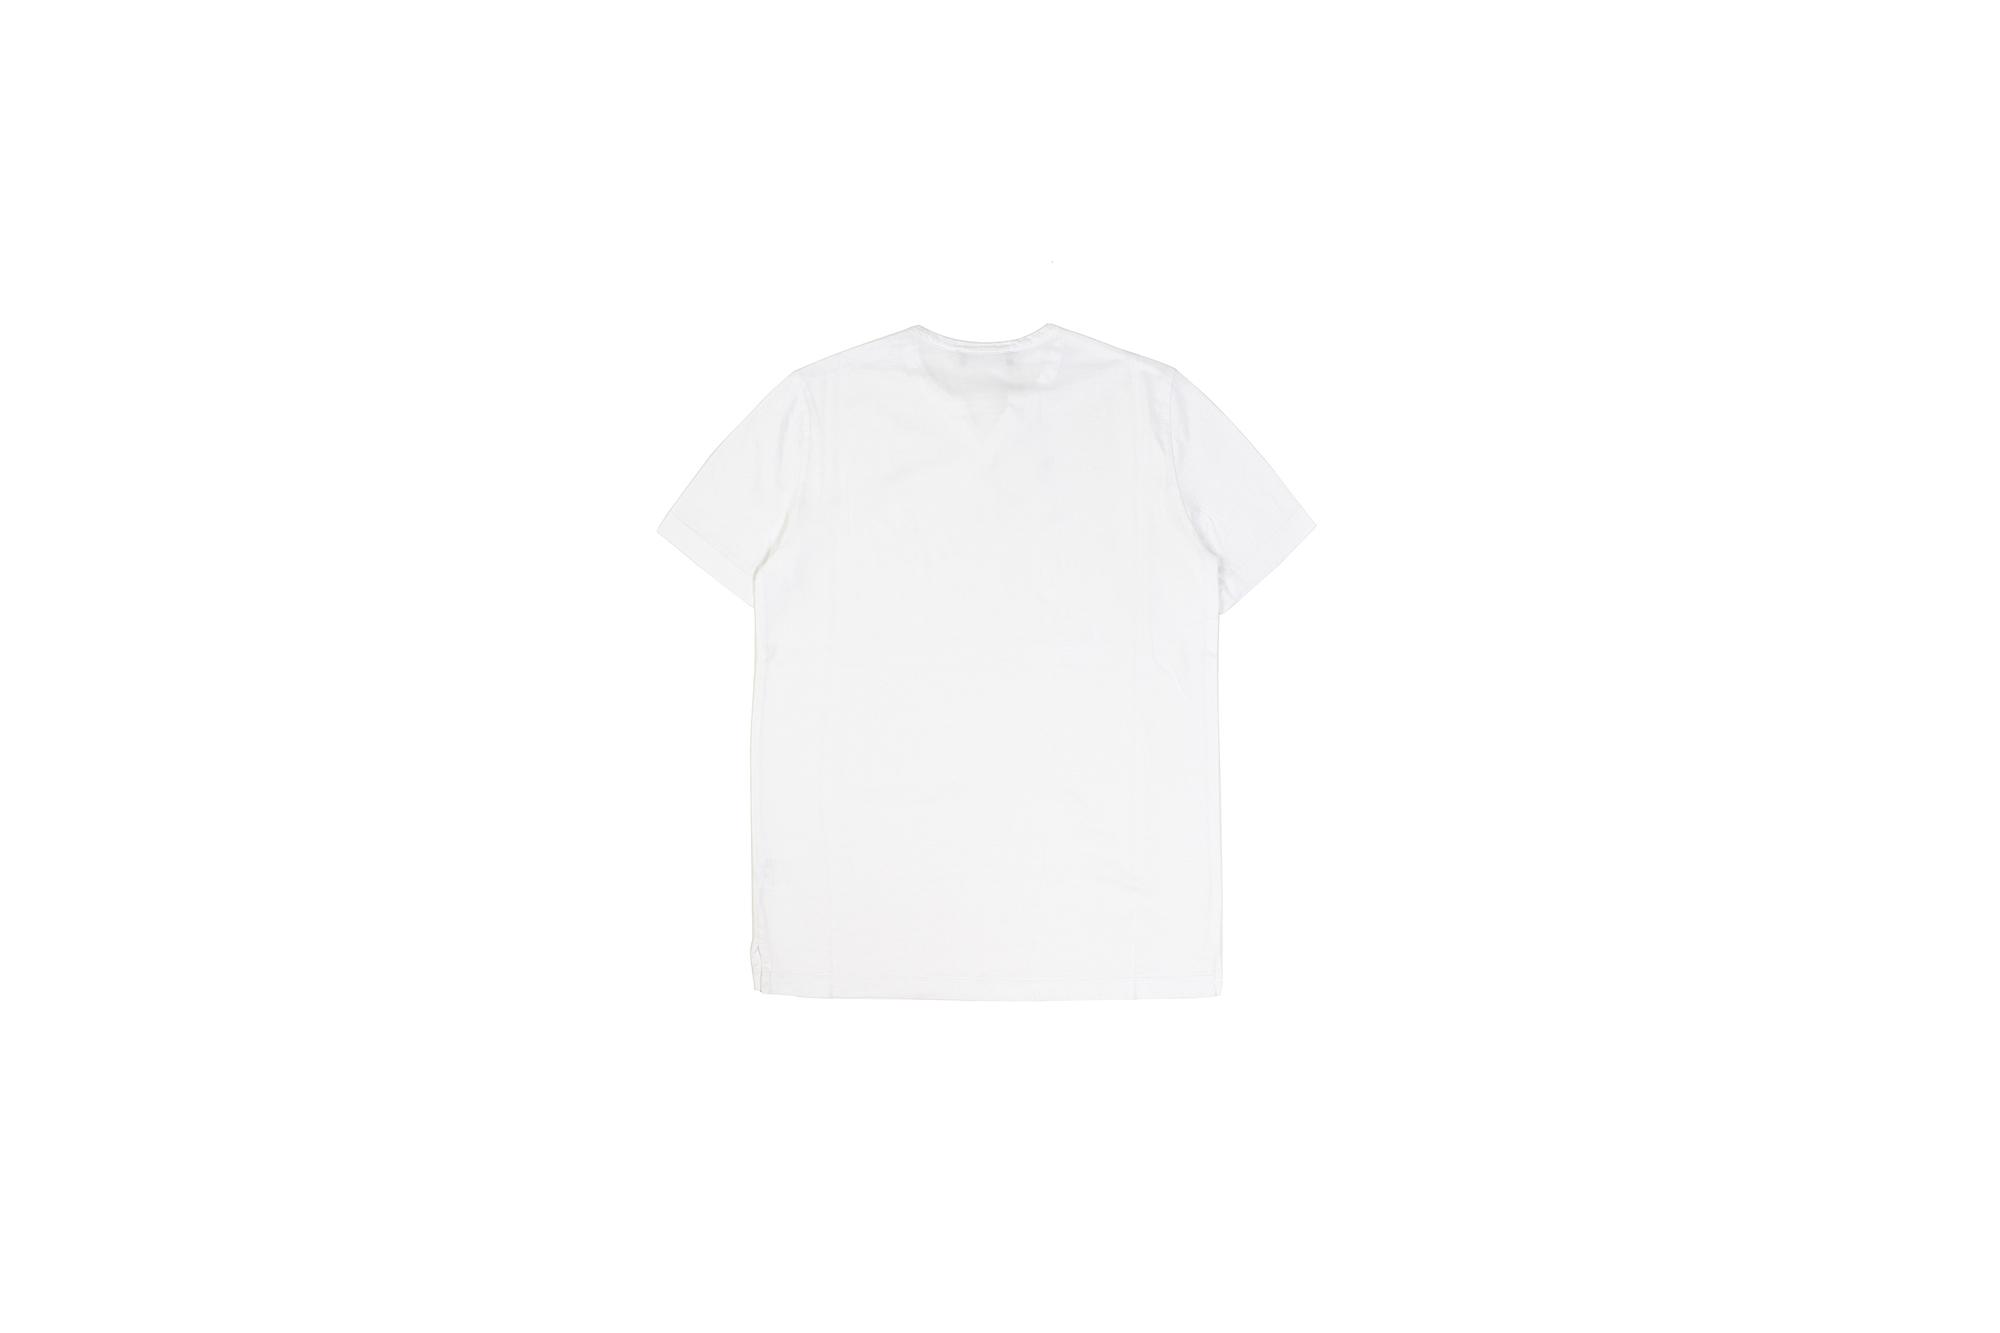 Girelli Bruni (ジレリブルーニ) Key Neck T-shirt (キーネック Tシャツ) GIZA 60/2 ギザコットン キーネックTシャツ WHITE (ホワイト) made in italy (イタリア製) 2020秋冬新作 girellibruni 愛知 名古屋 altoediritto アルトエデリット alto e diritto